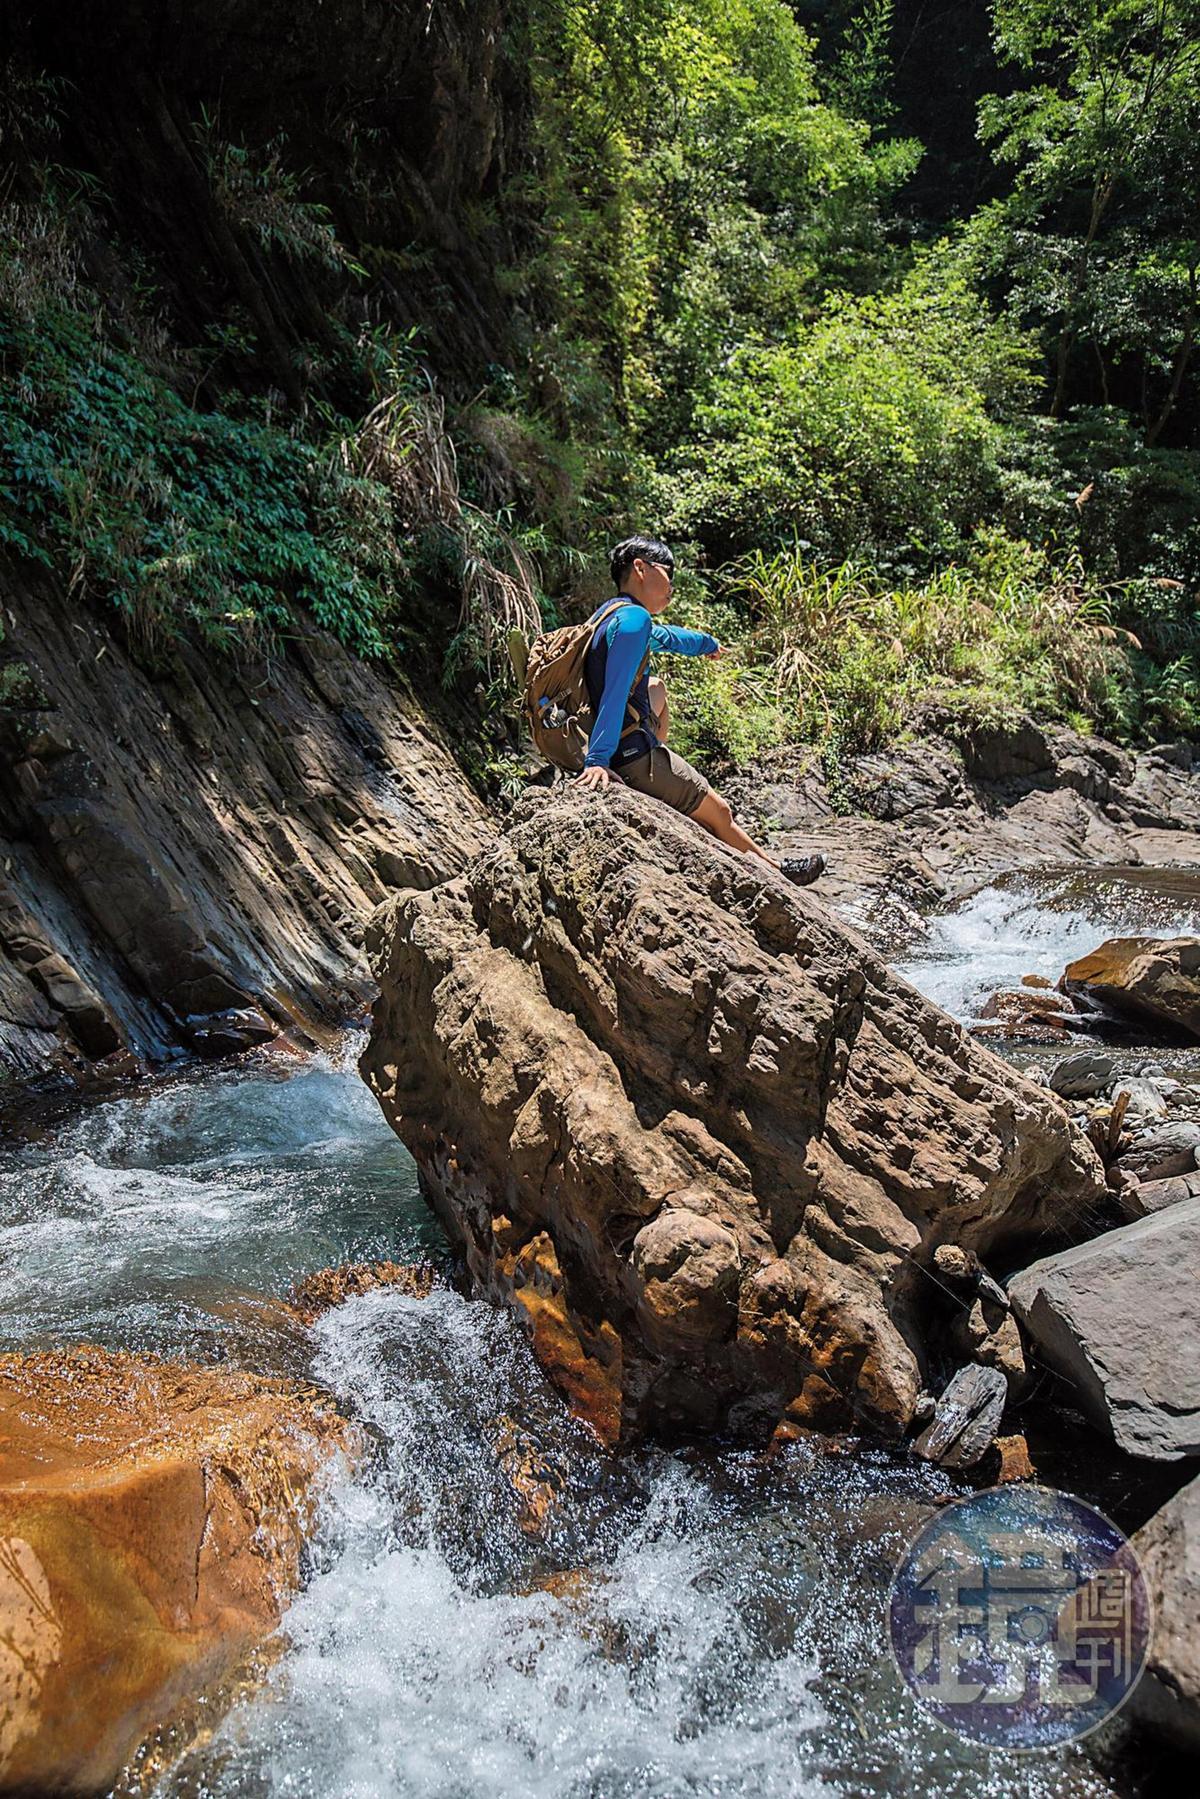 若遇水流湍急,請勿在溪中戲水。